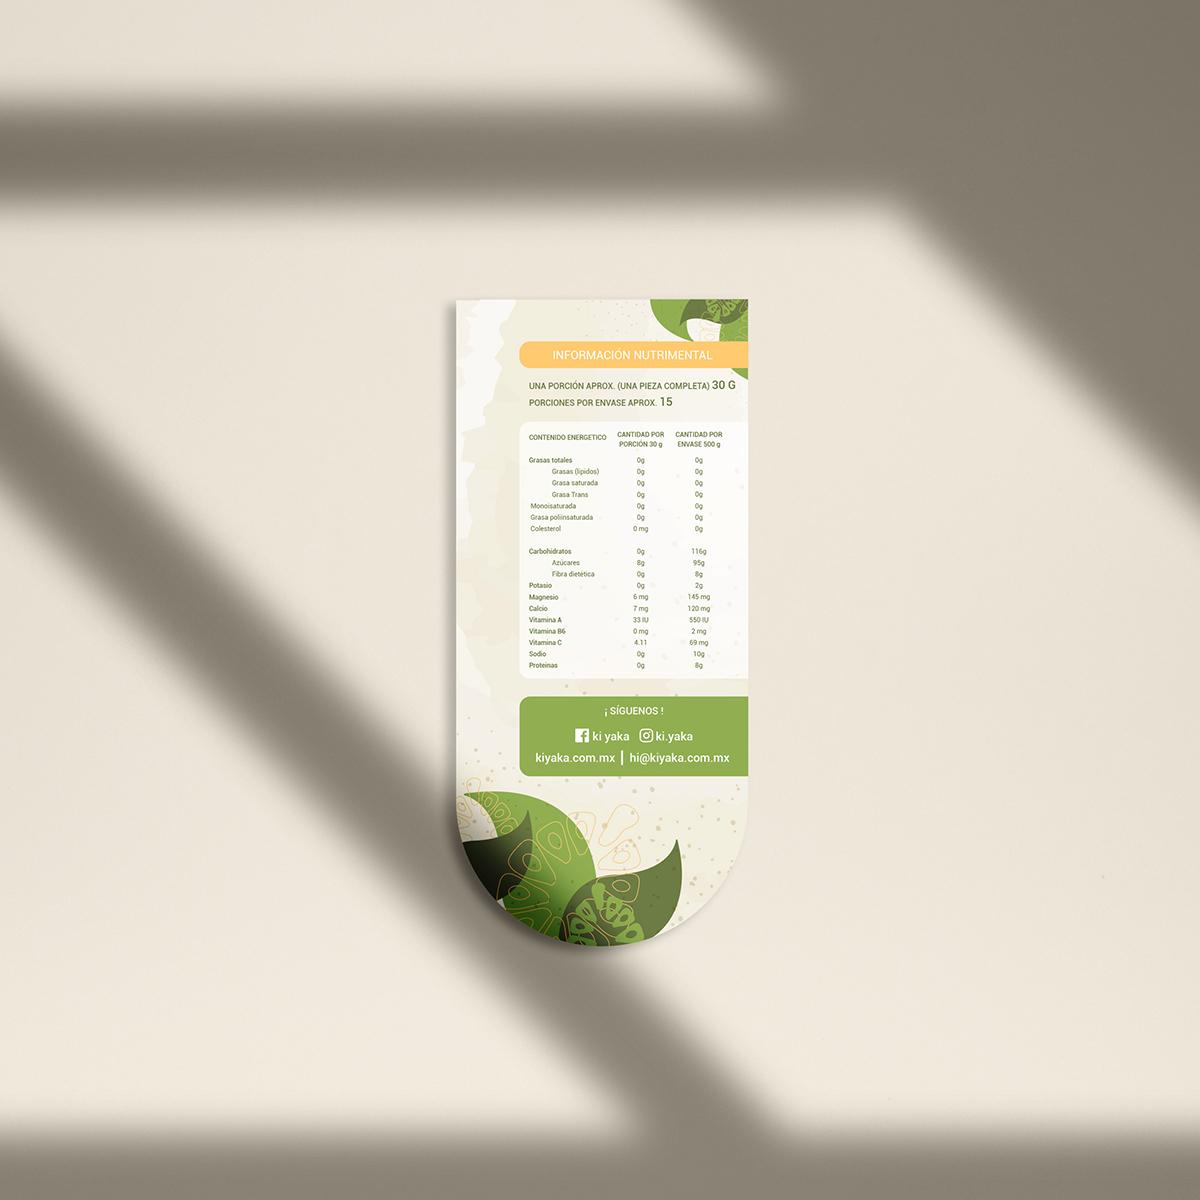 etiqueta empaque kiyaka2